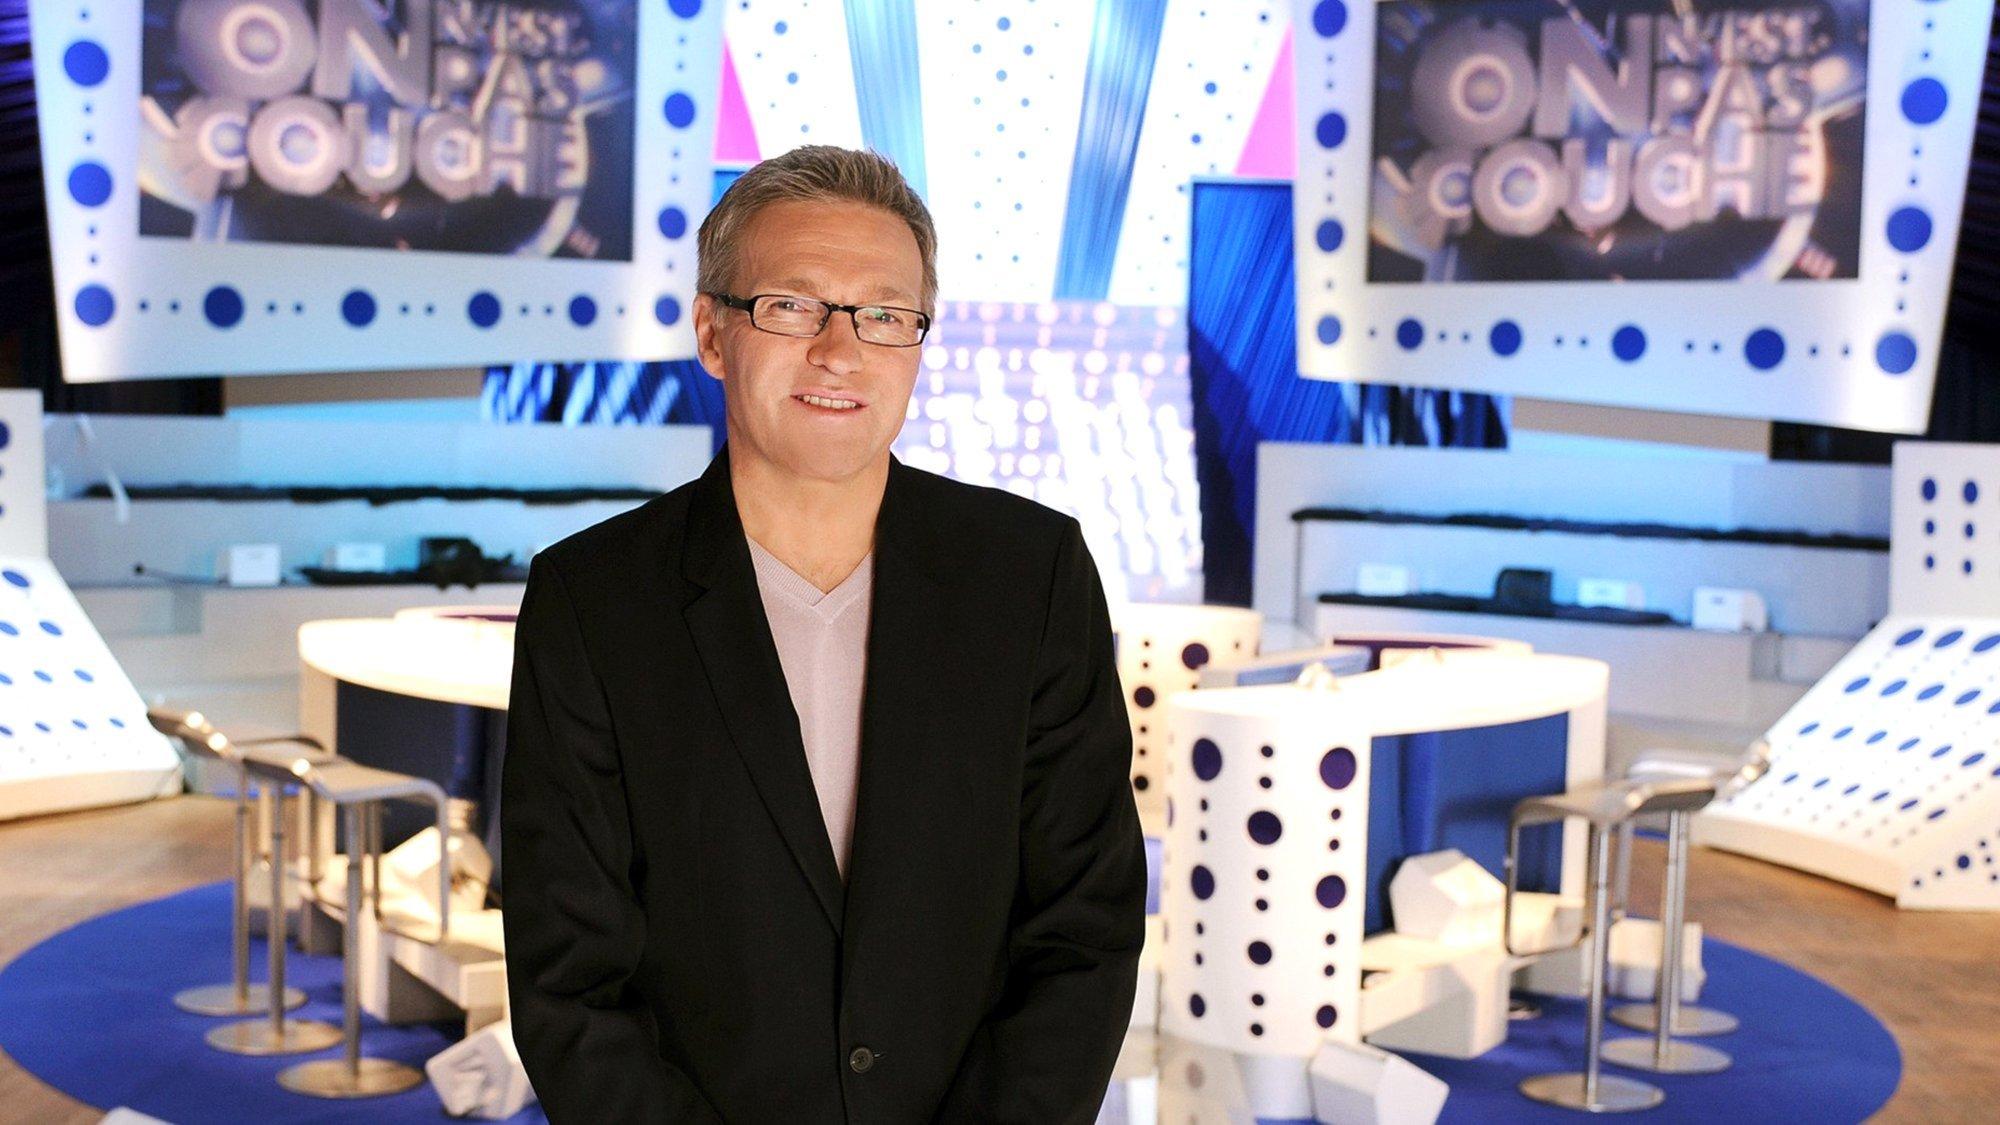 L'émission On n'est pas couché de France 2 : Le Prime à voir en vidéo replay